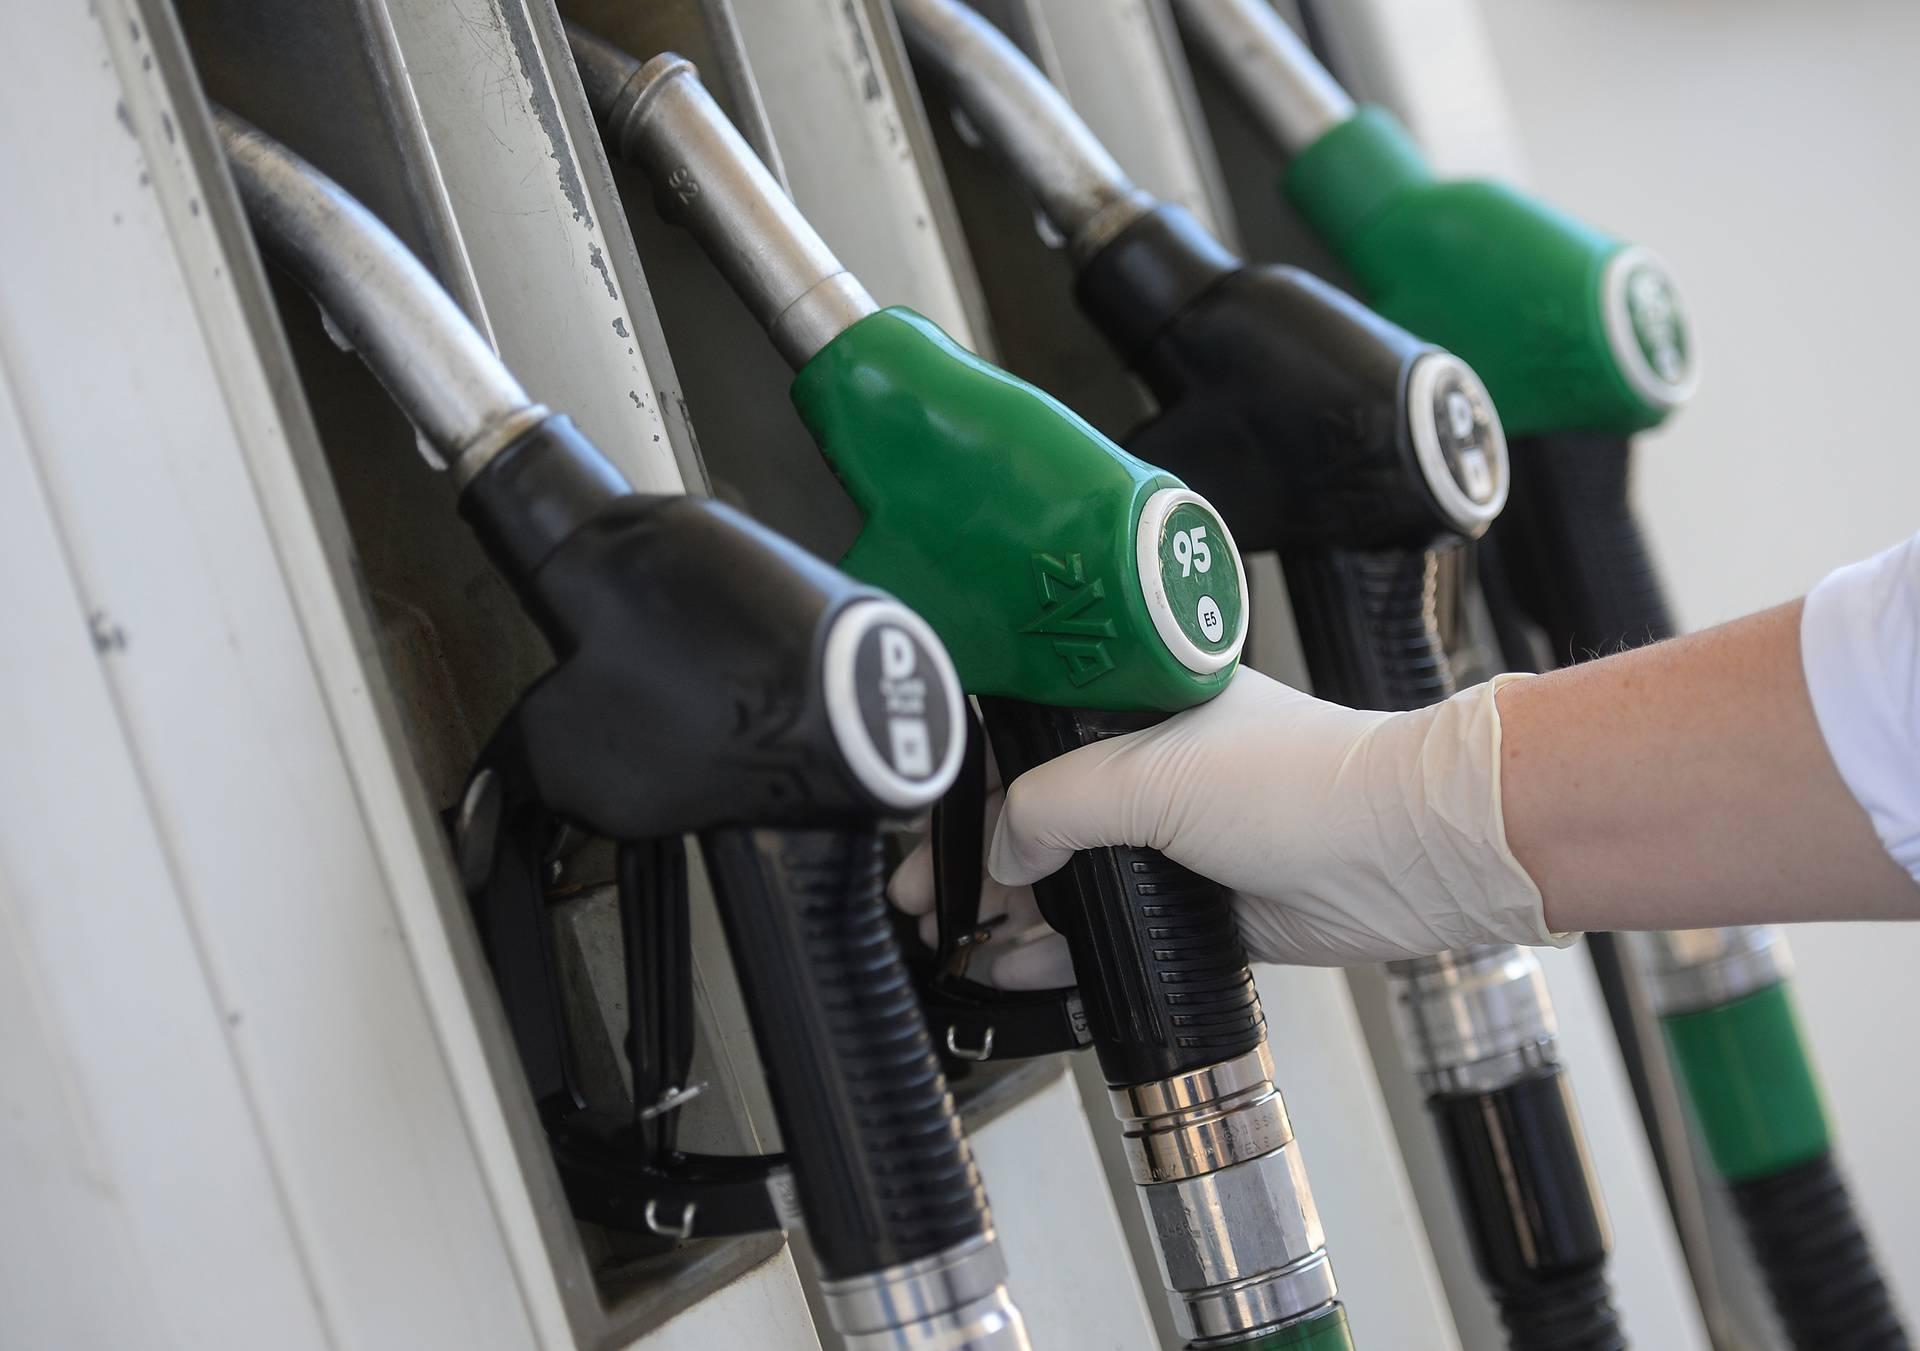 Od ponoći skuplje gorivo - dizel za 10 lipa, a Eurosuper za 3 lipe